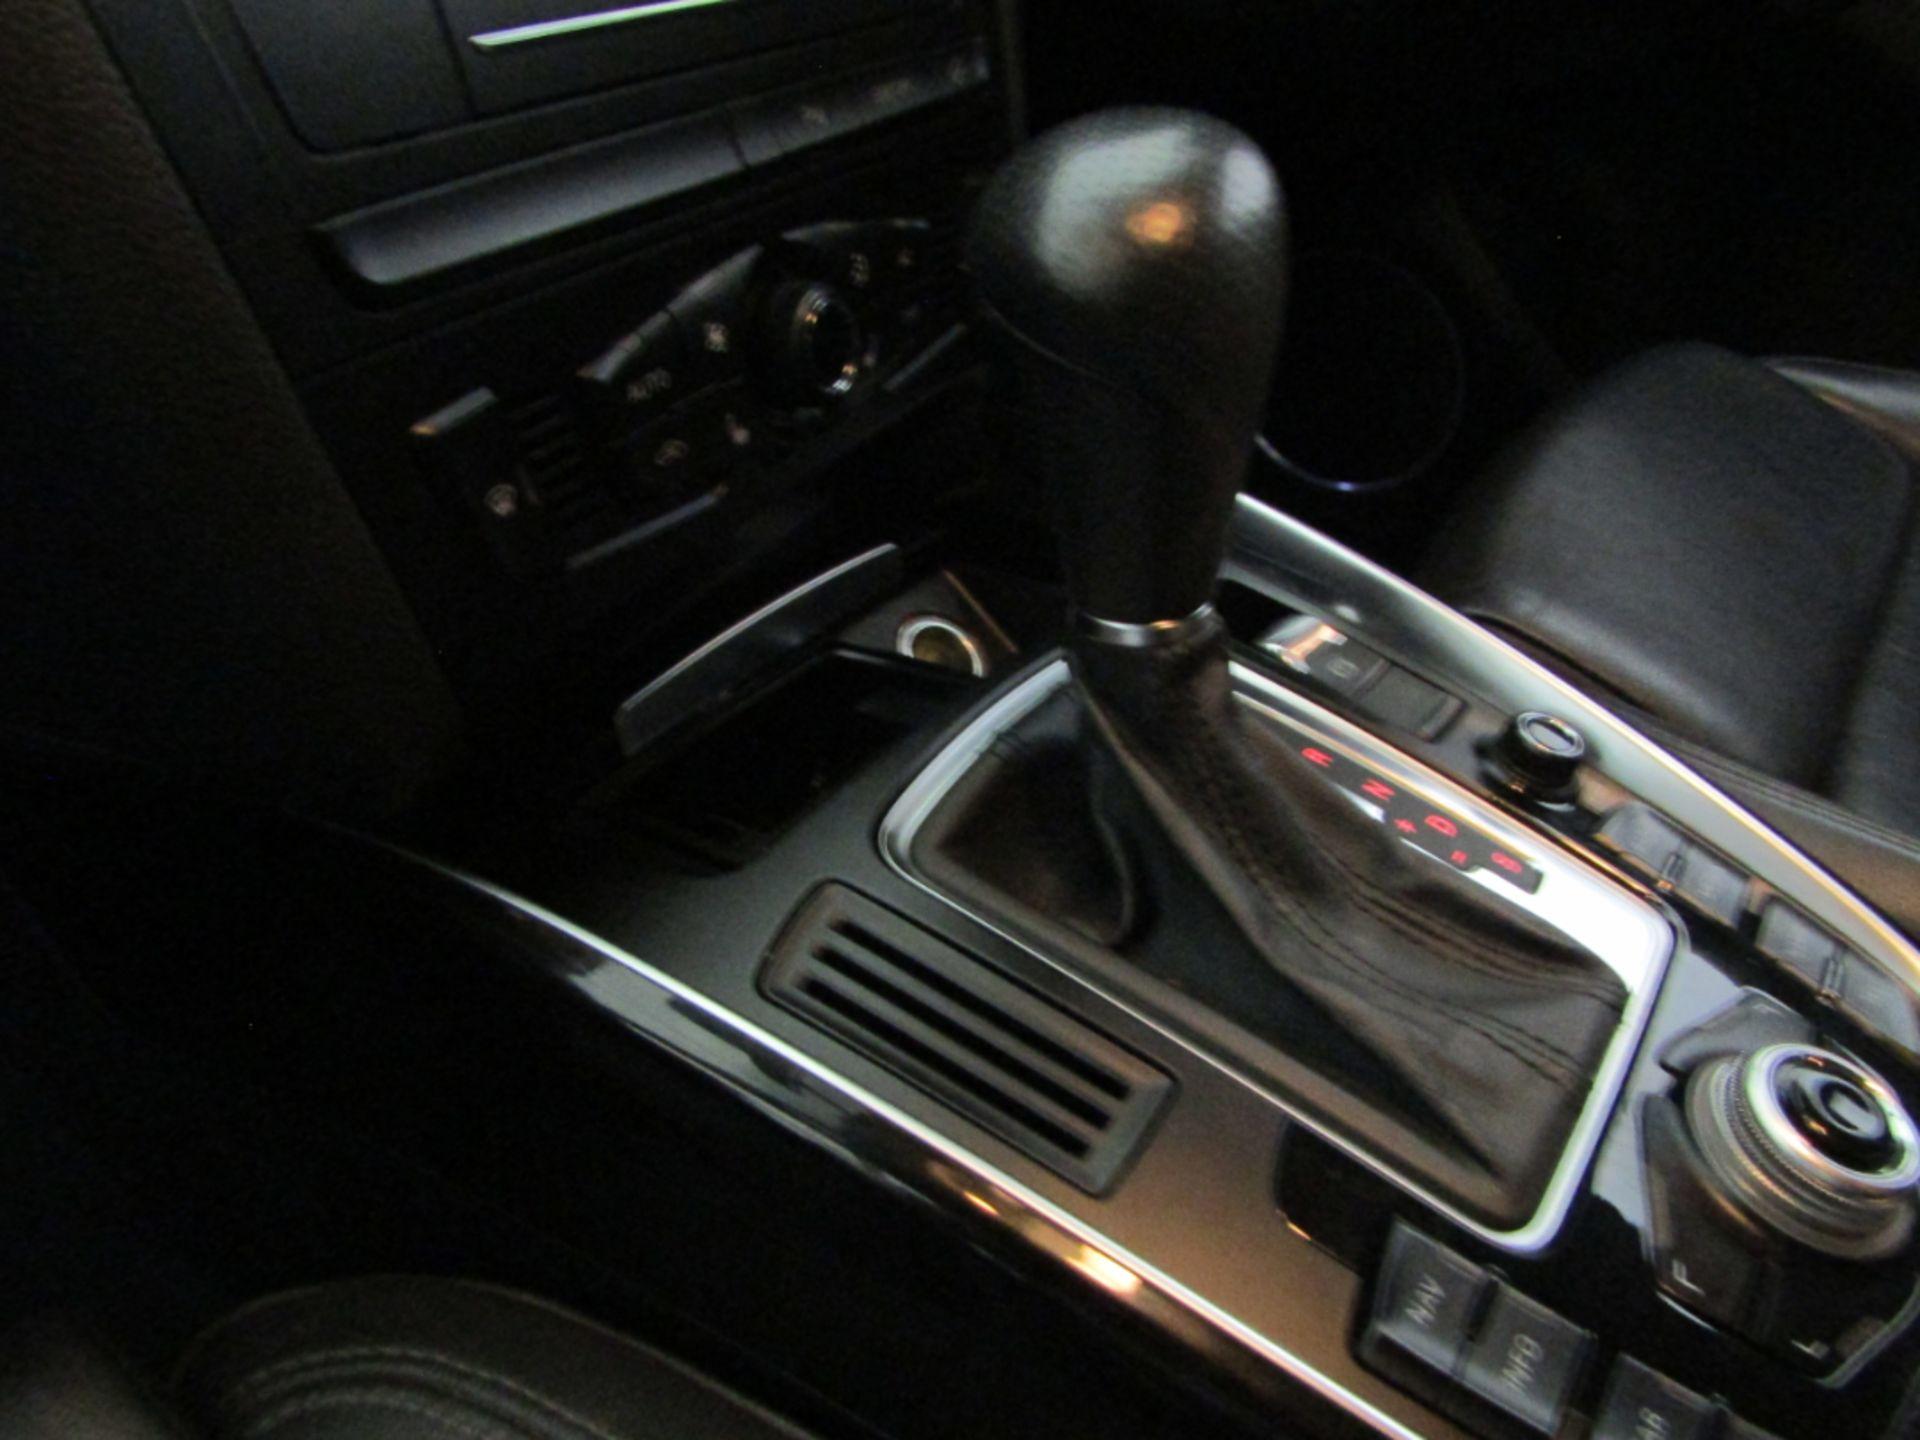 09 09 Audi Q5 S Line TFSI Quattro - Image 7 of 17